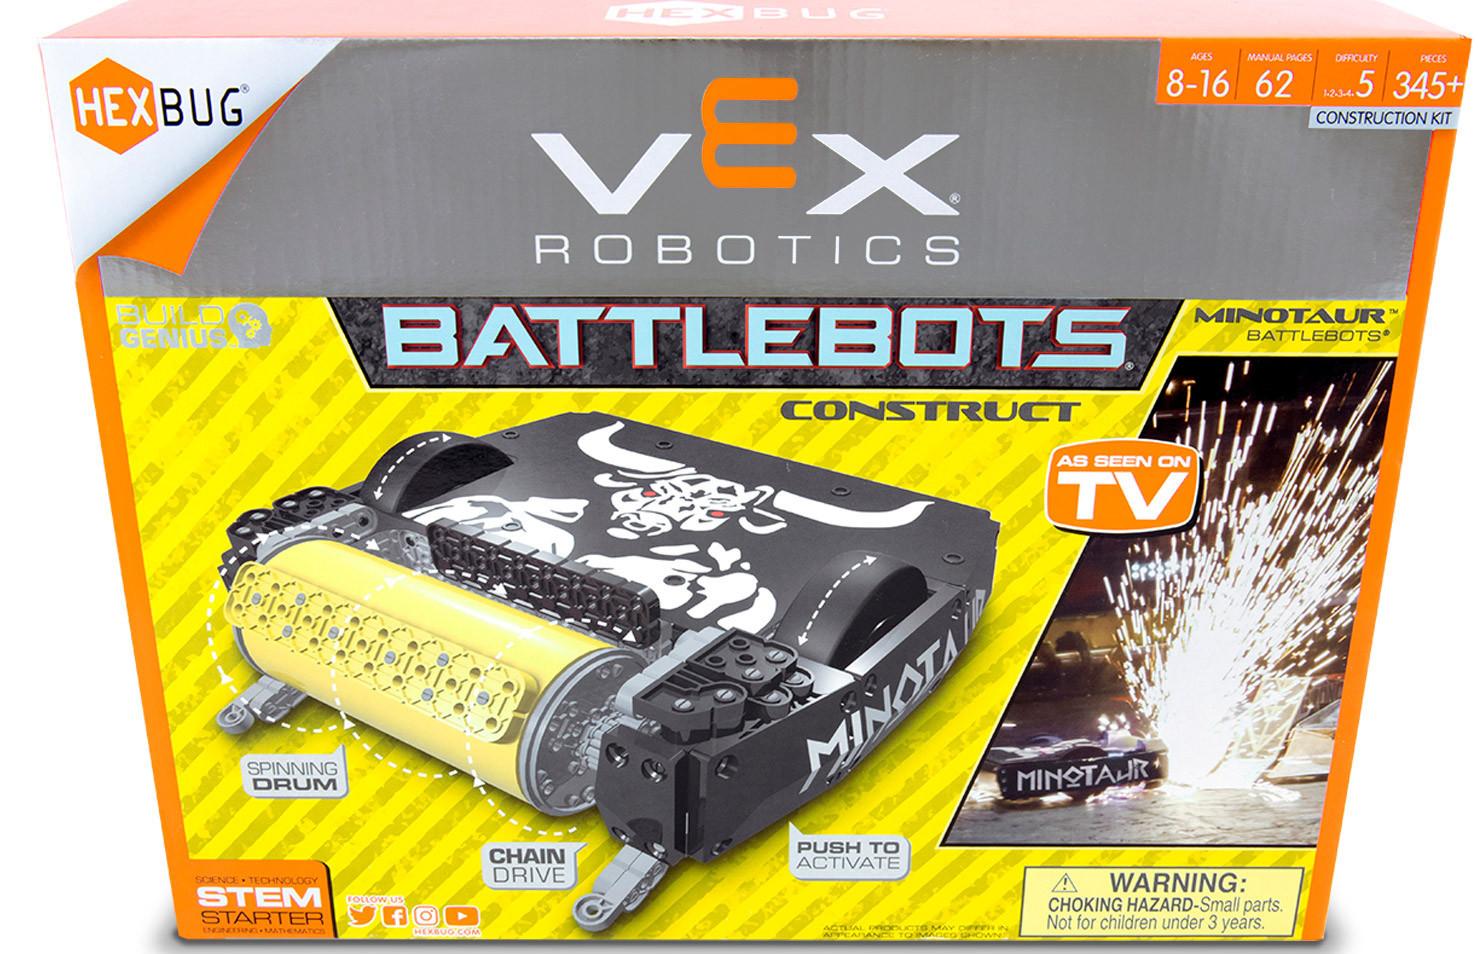 Minotaur/VEX Robotics